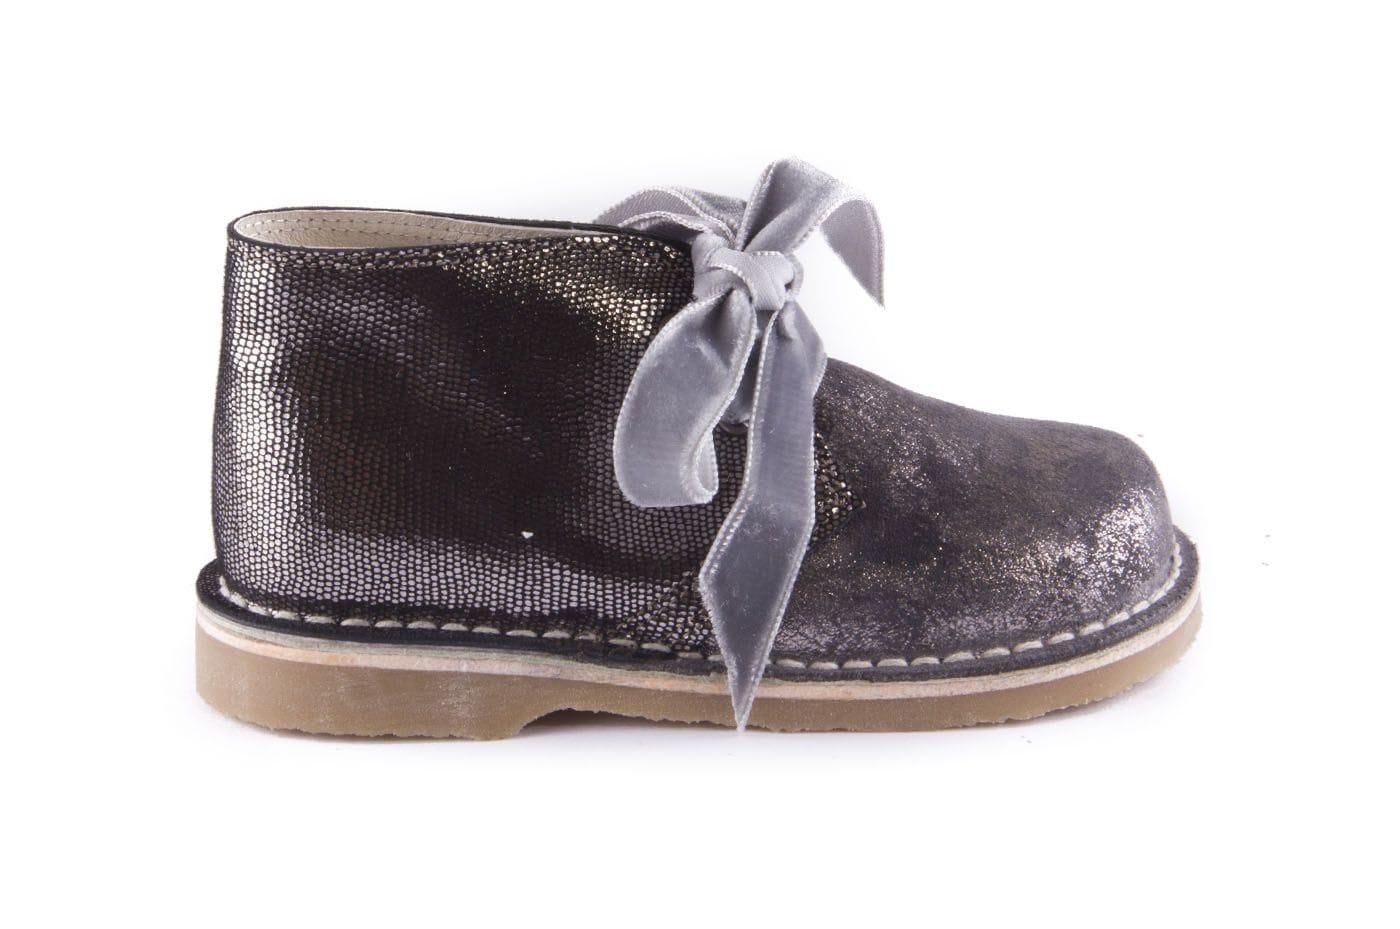 93d8454e7aa Comprar zapato tipo JOVEN NIÑA estilo BOTAS COLOR GRIS ANTE